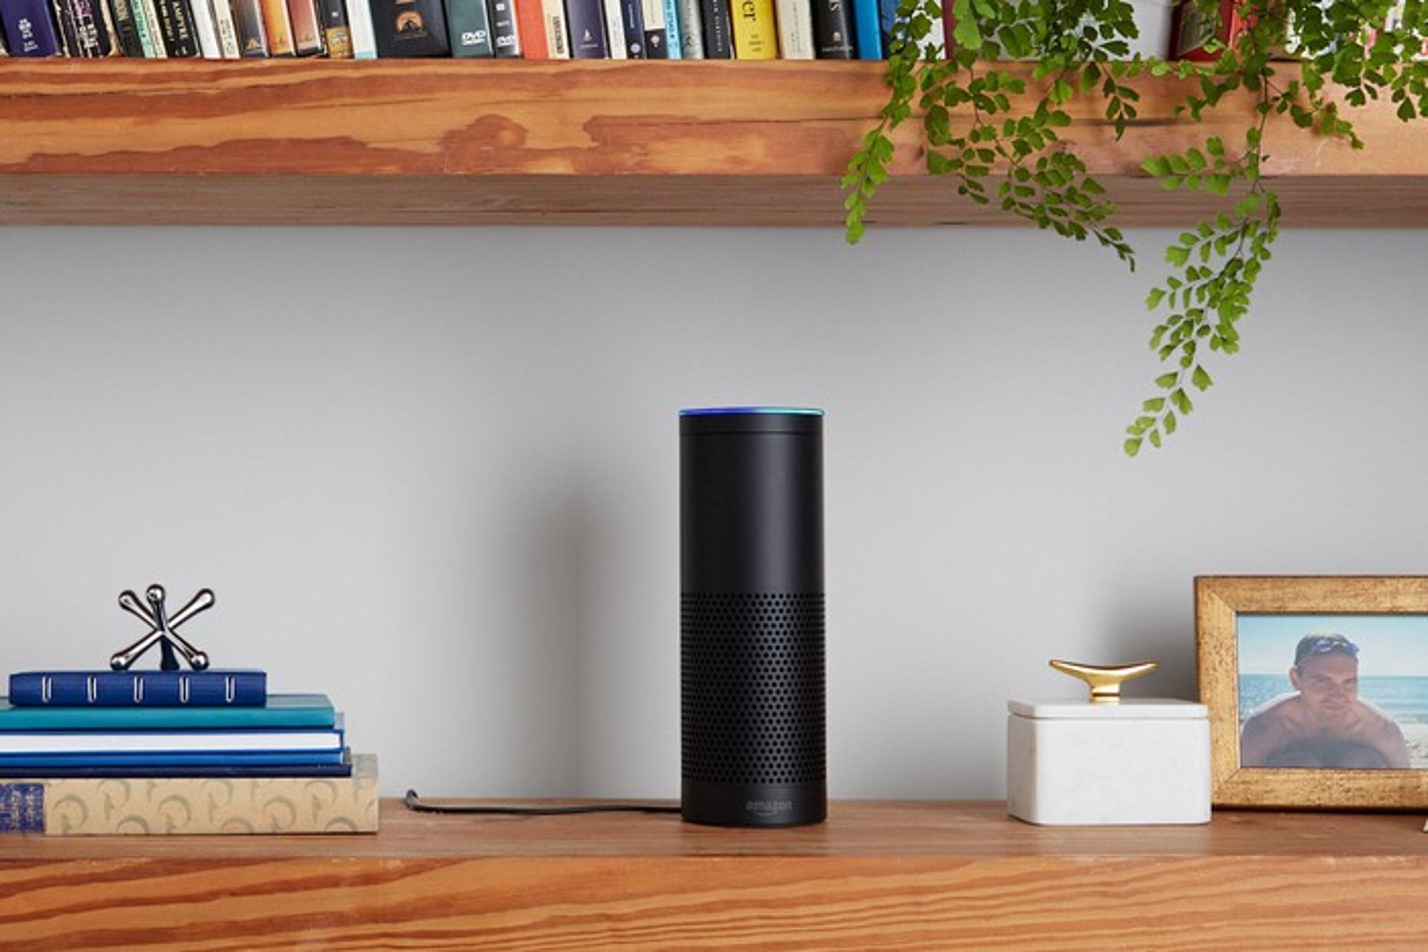 Amazon's Echo speaker.